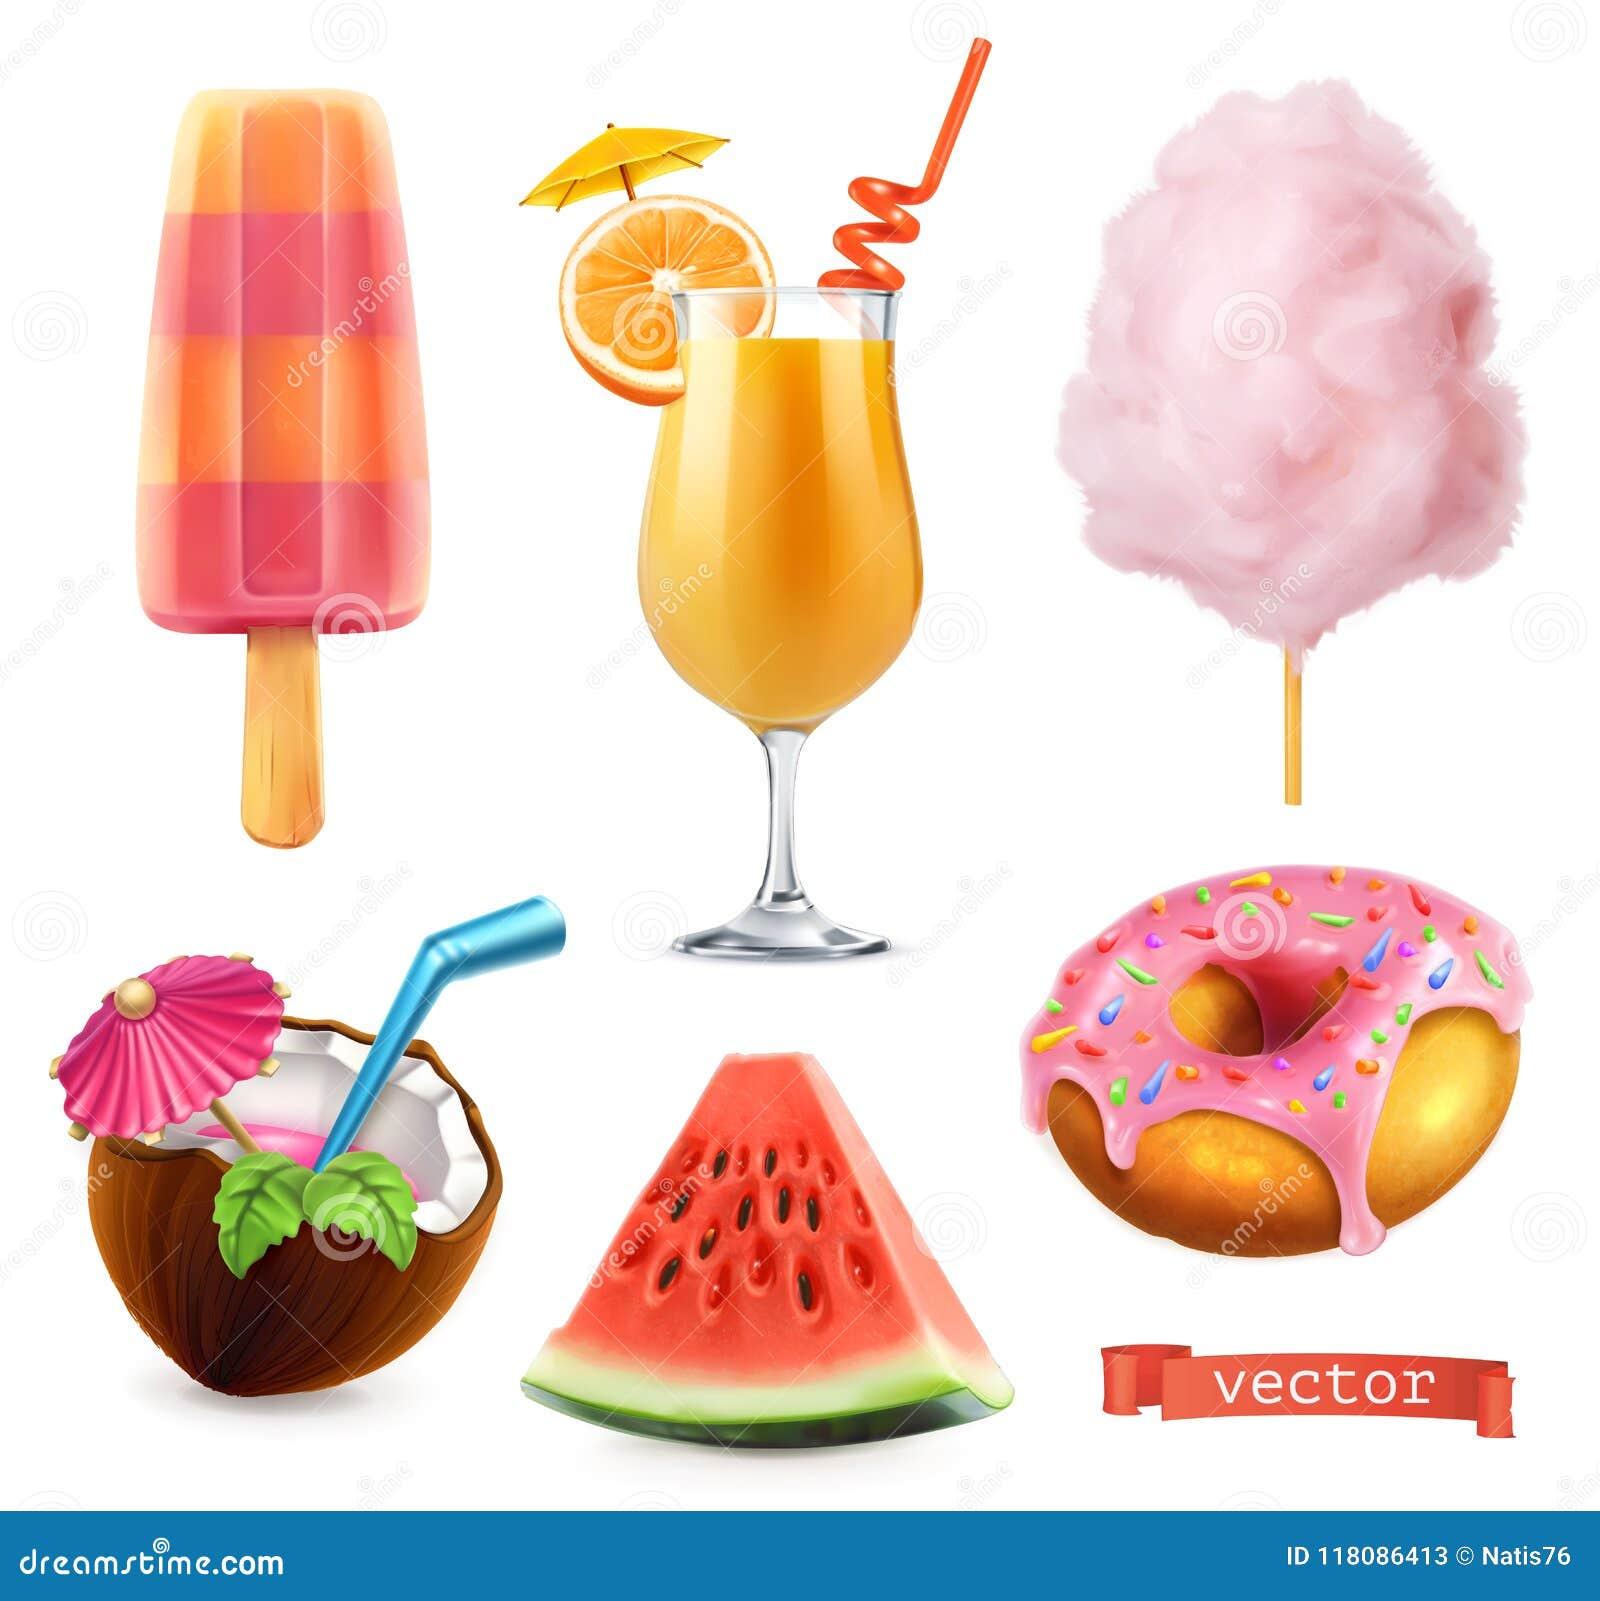 Καλοκαίρι, γλυκά τρόφιμα Παγωτό, χυμός από πορτοκάλι, καραμέλα βαμβακιού, κοκτέιλ, καρπούζι και doughnut τρισδιάστατο διανυσματικ